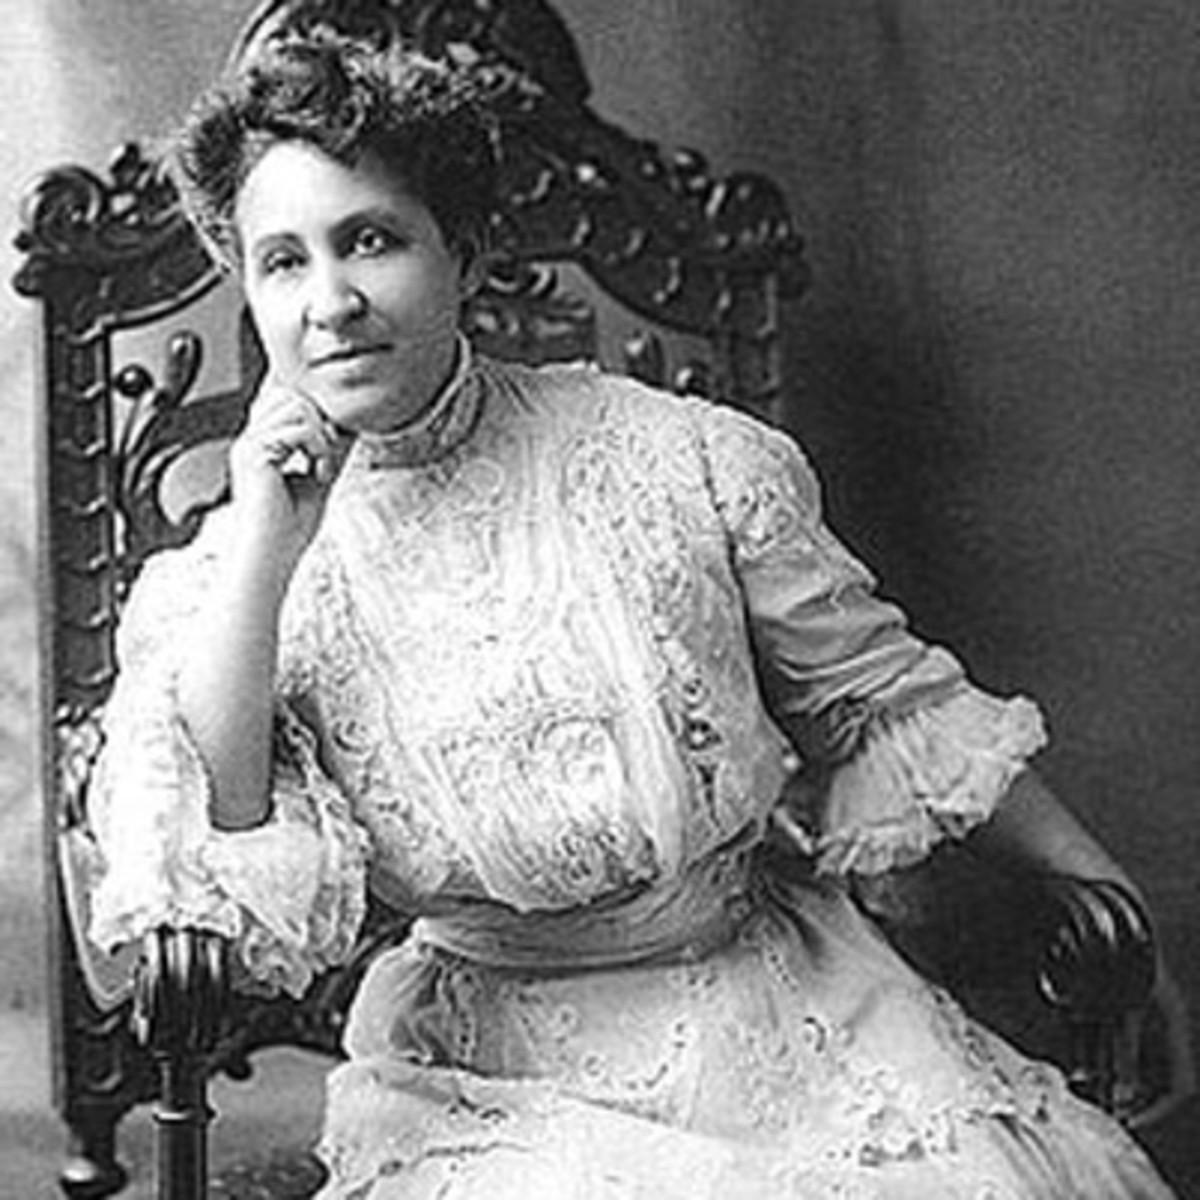 Photo of Mary Church Terrell